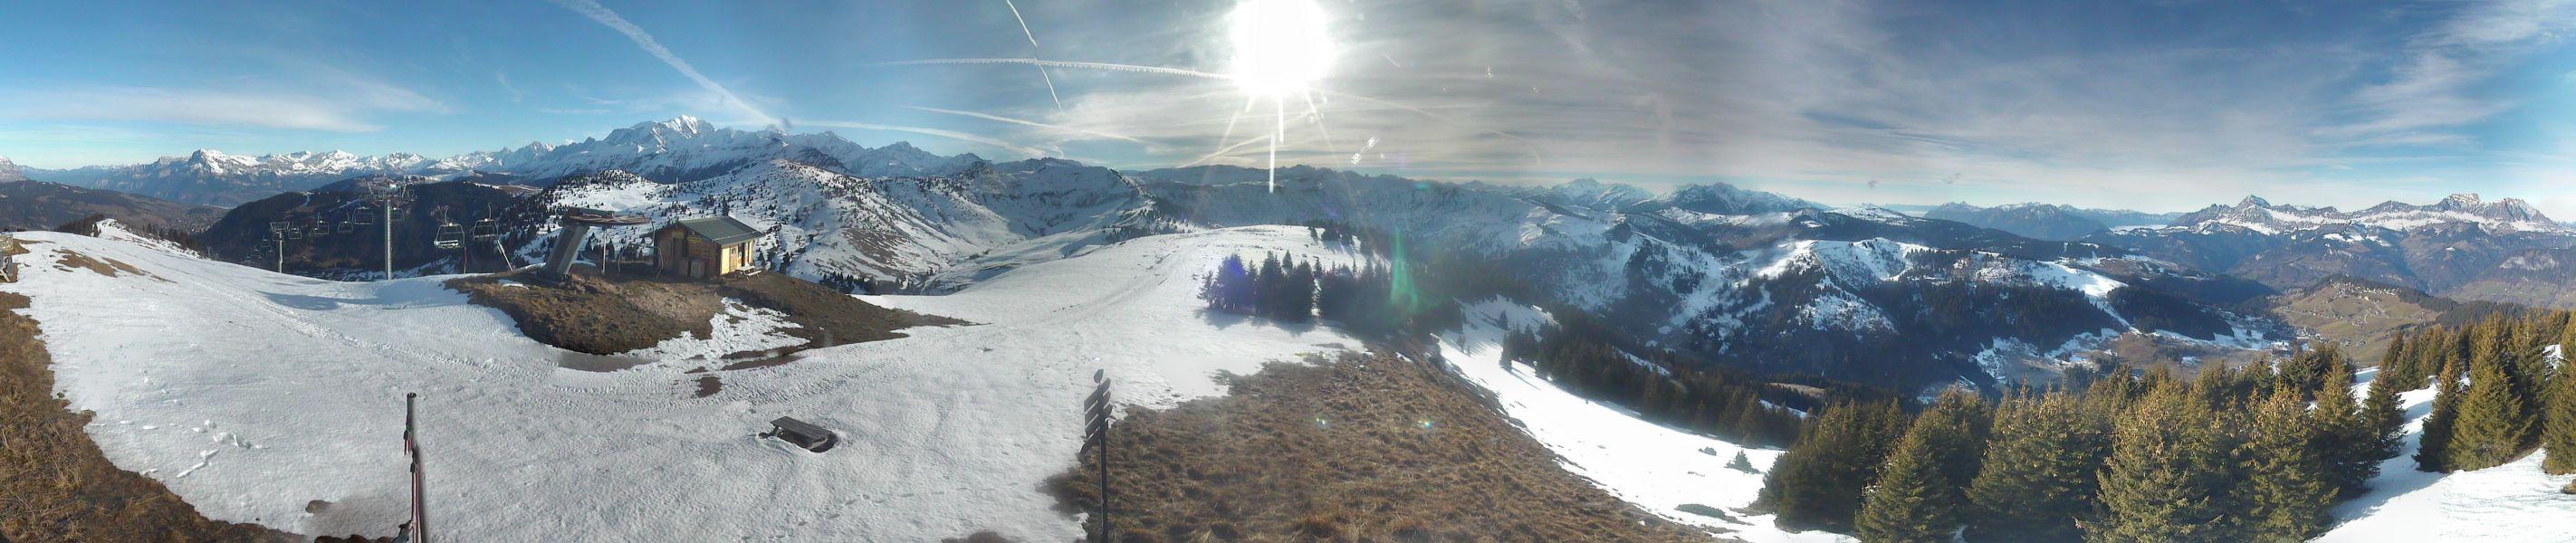 Le sommet de Ban Rouge, où l'on voit les dégats provoqués par le foehn et le redoux même sur le domaine d'altitude